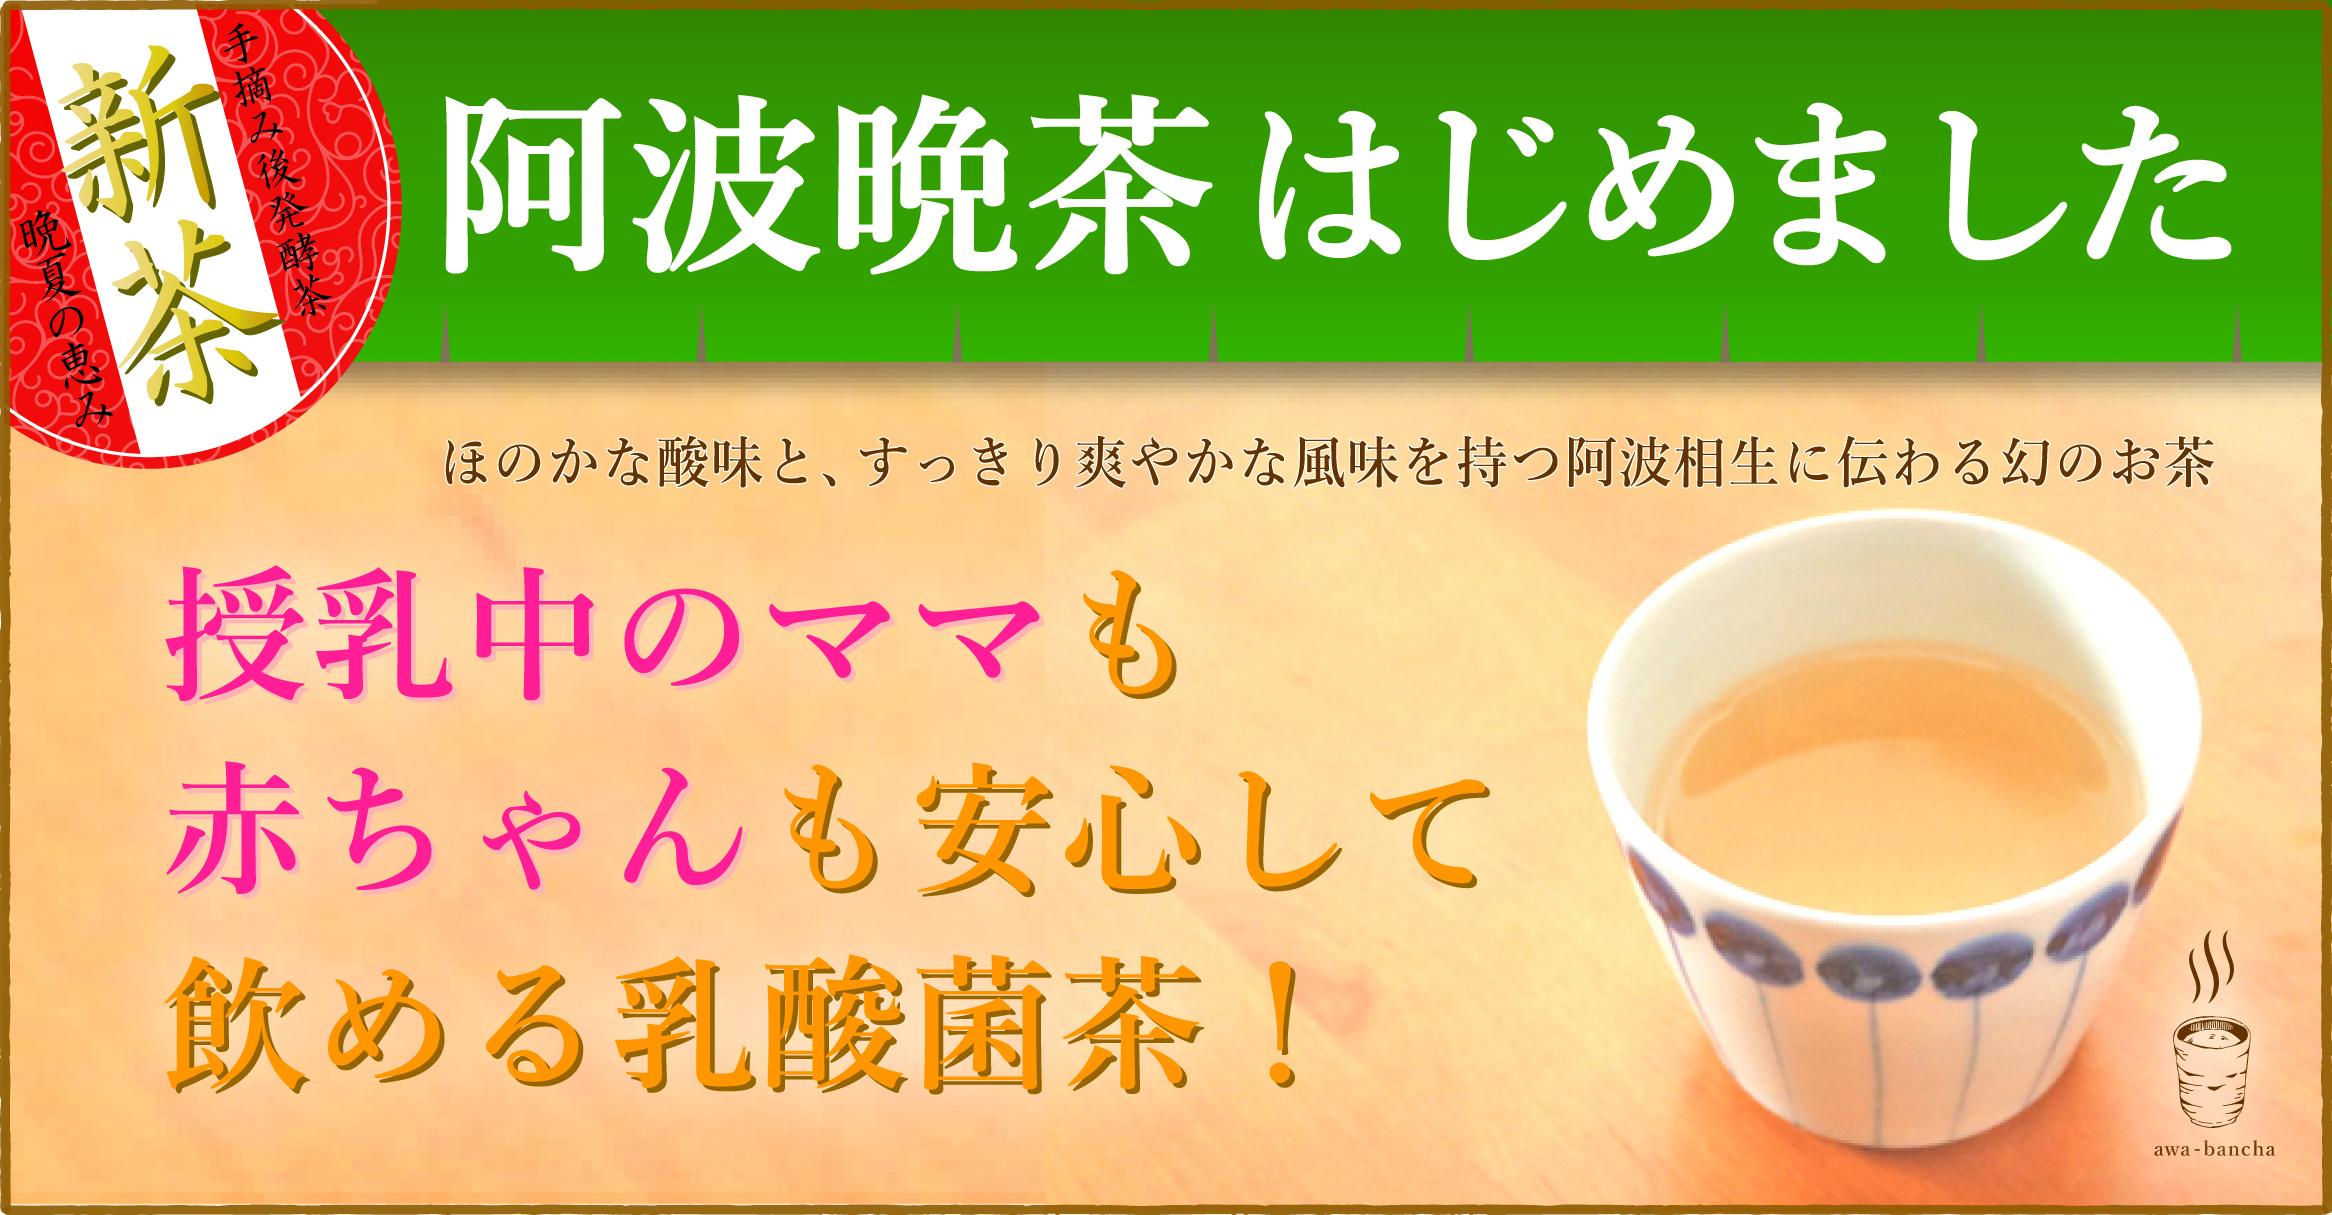 <span>阿波晩茶</span>